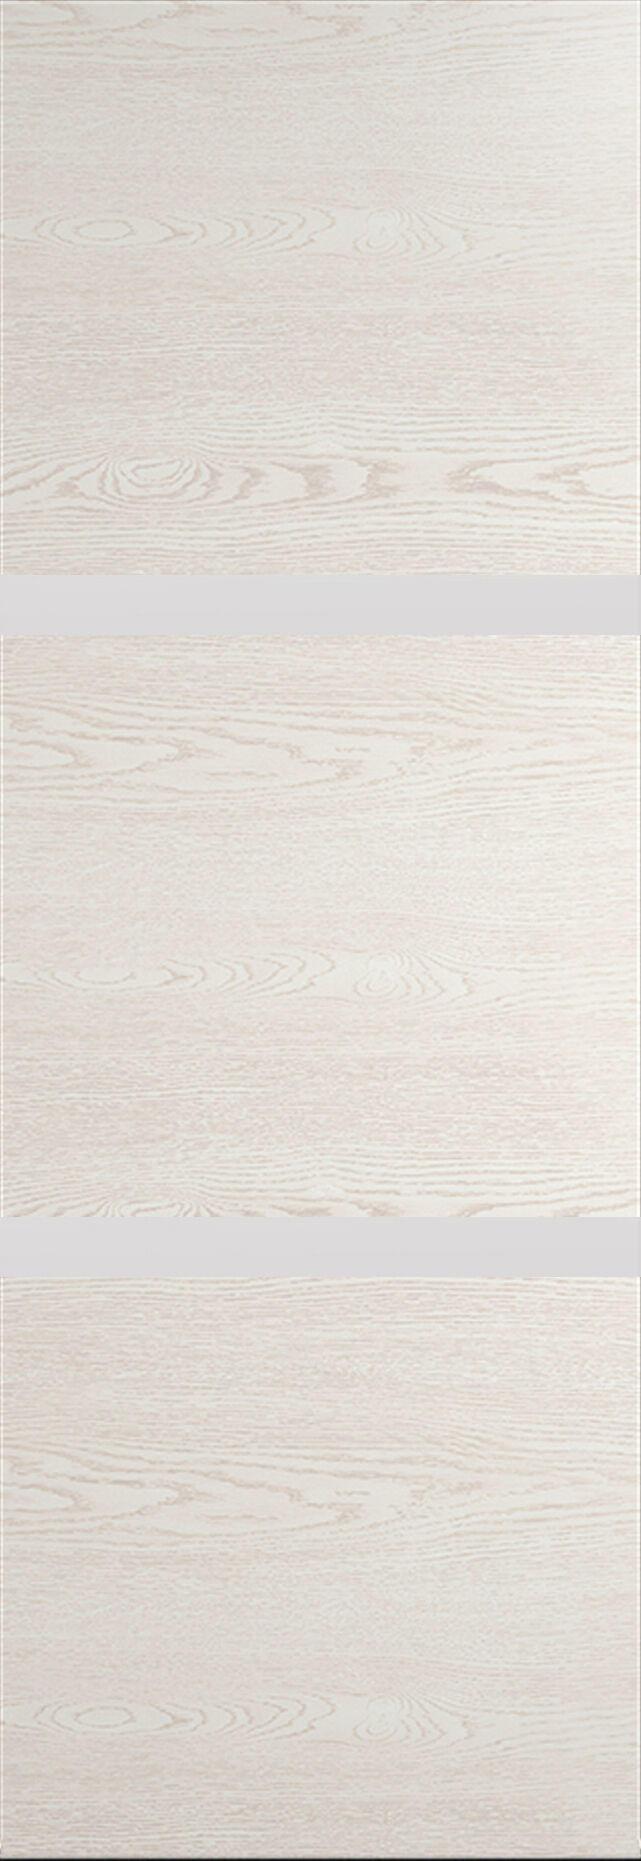 Tivoli В-4 Invisible цвет - Белый ясень Без стекла (ДГ)